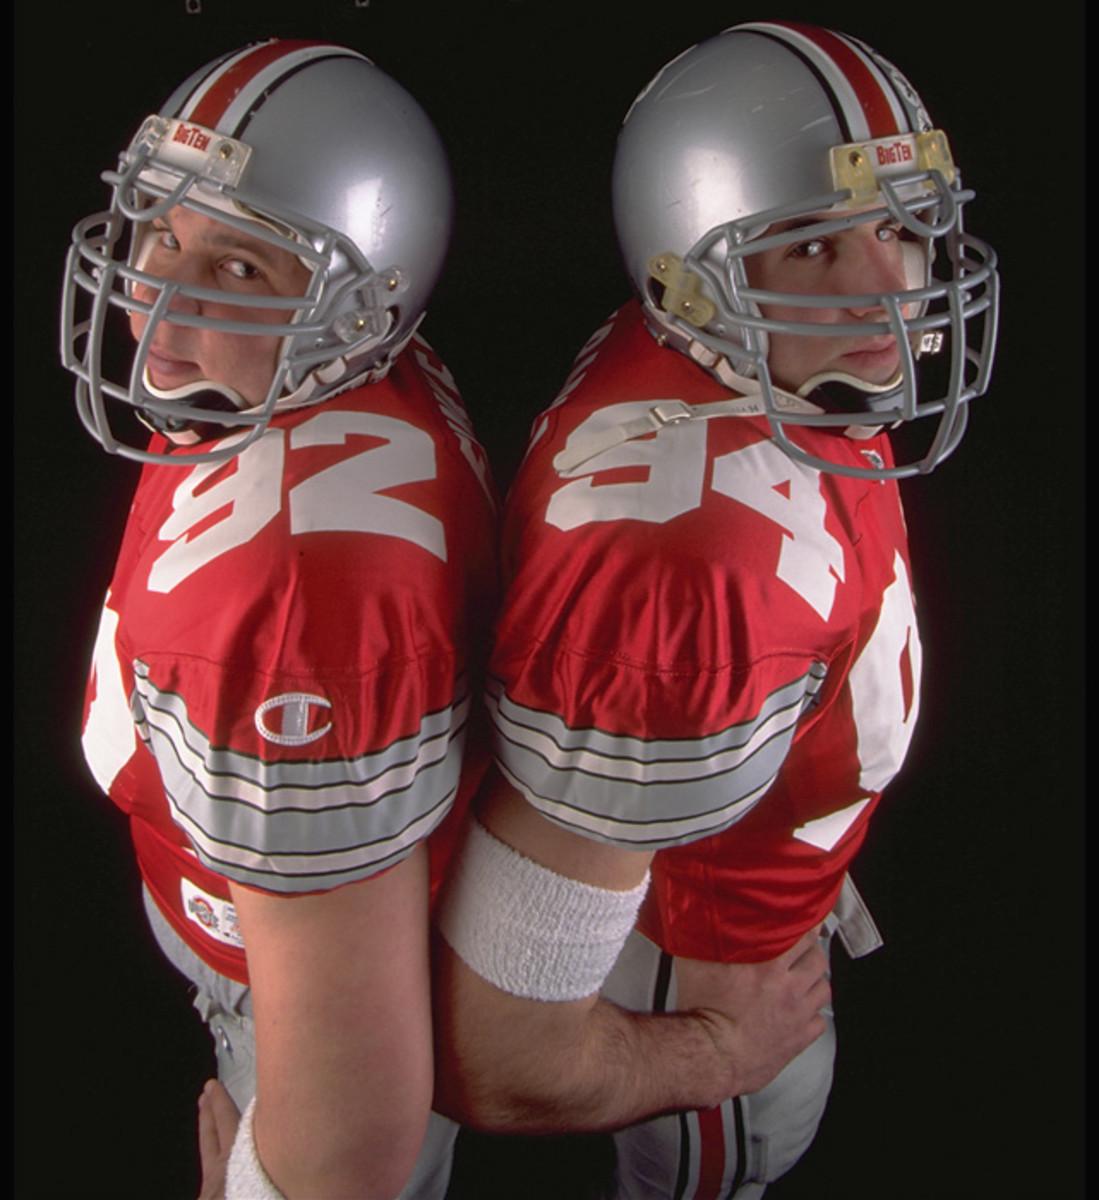 Matt Finkes and Mike Vrabel